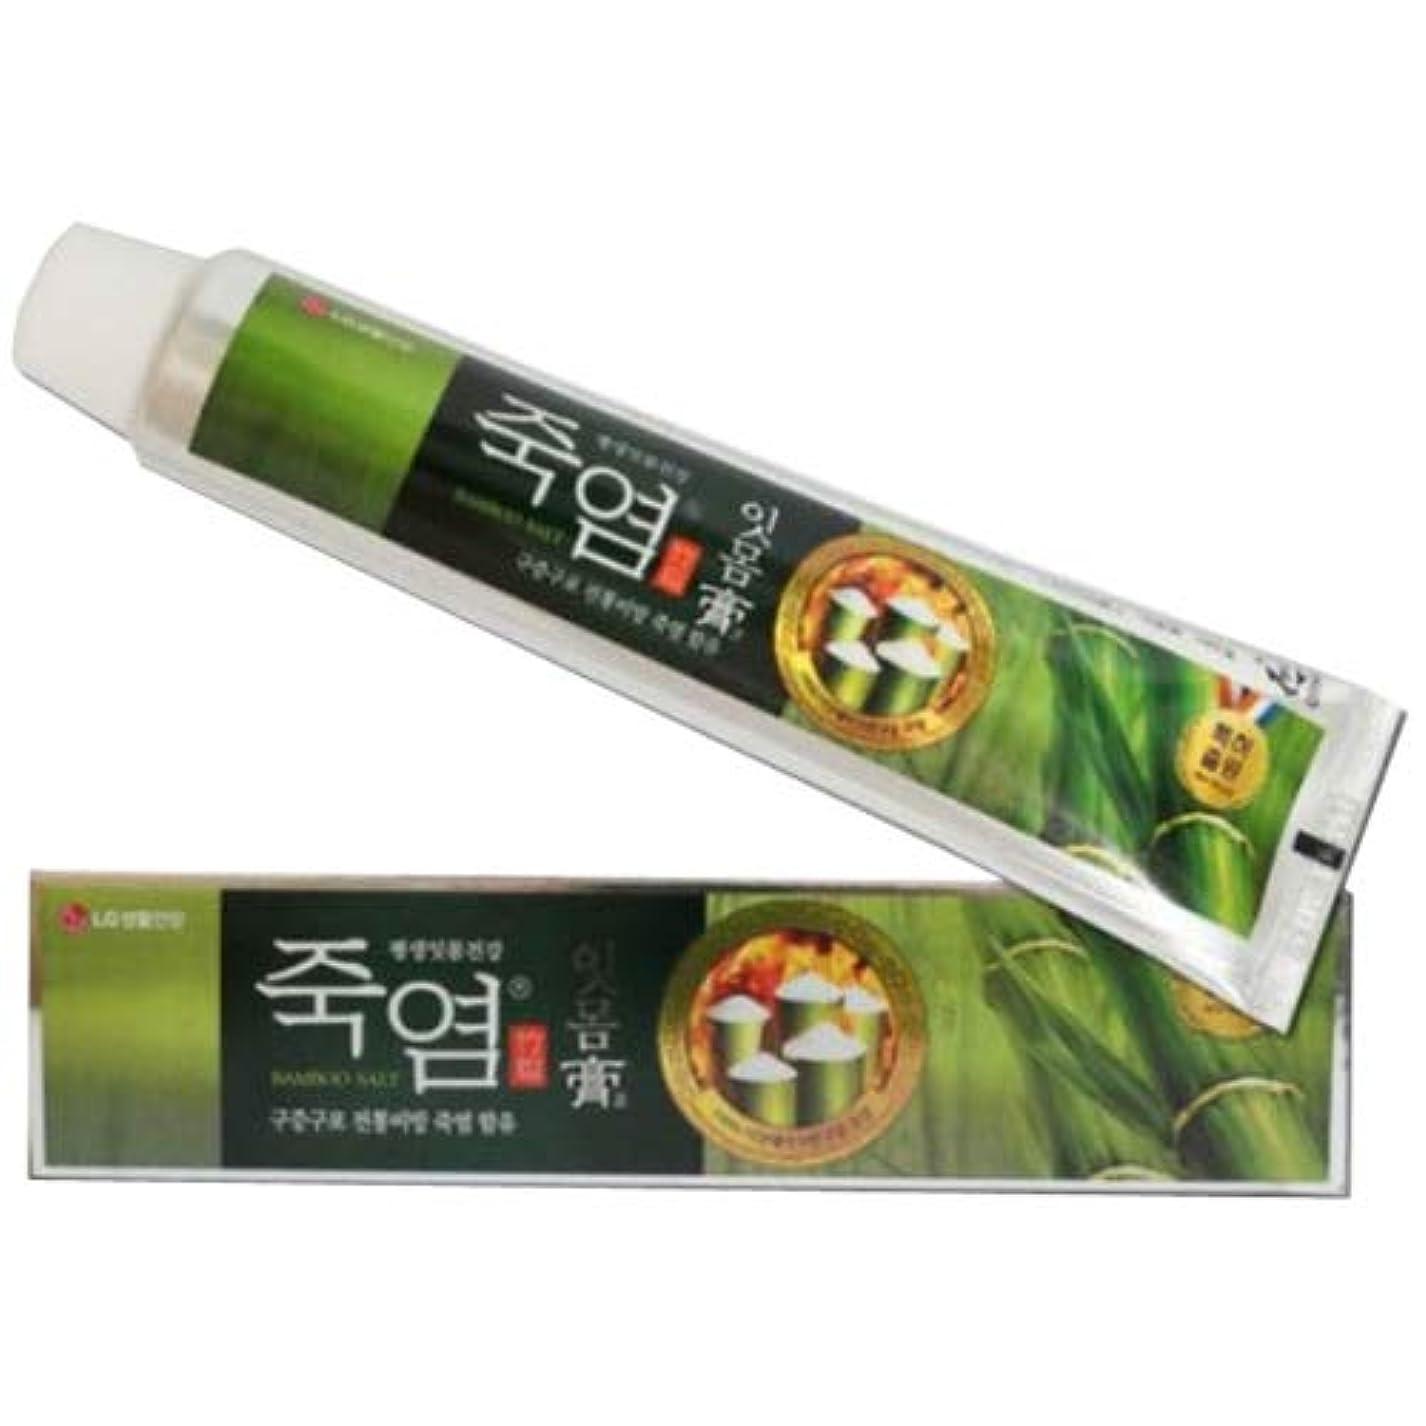 愛情深い厚くする棚LG生活健康 竹塩歯磨き粉 (歯康膏:ウンガンゴ)(120gx3個) 歯肉炎の予防 歯茎の出血予防